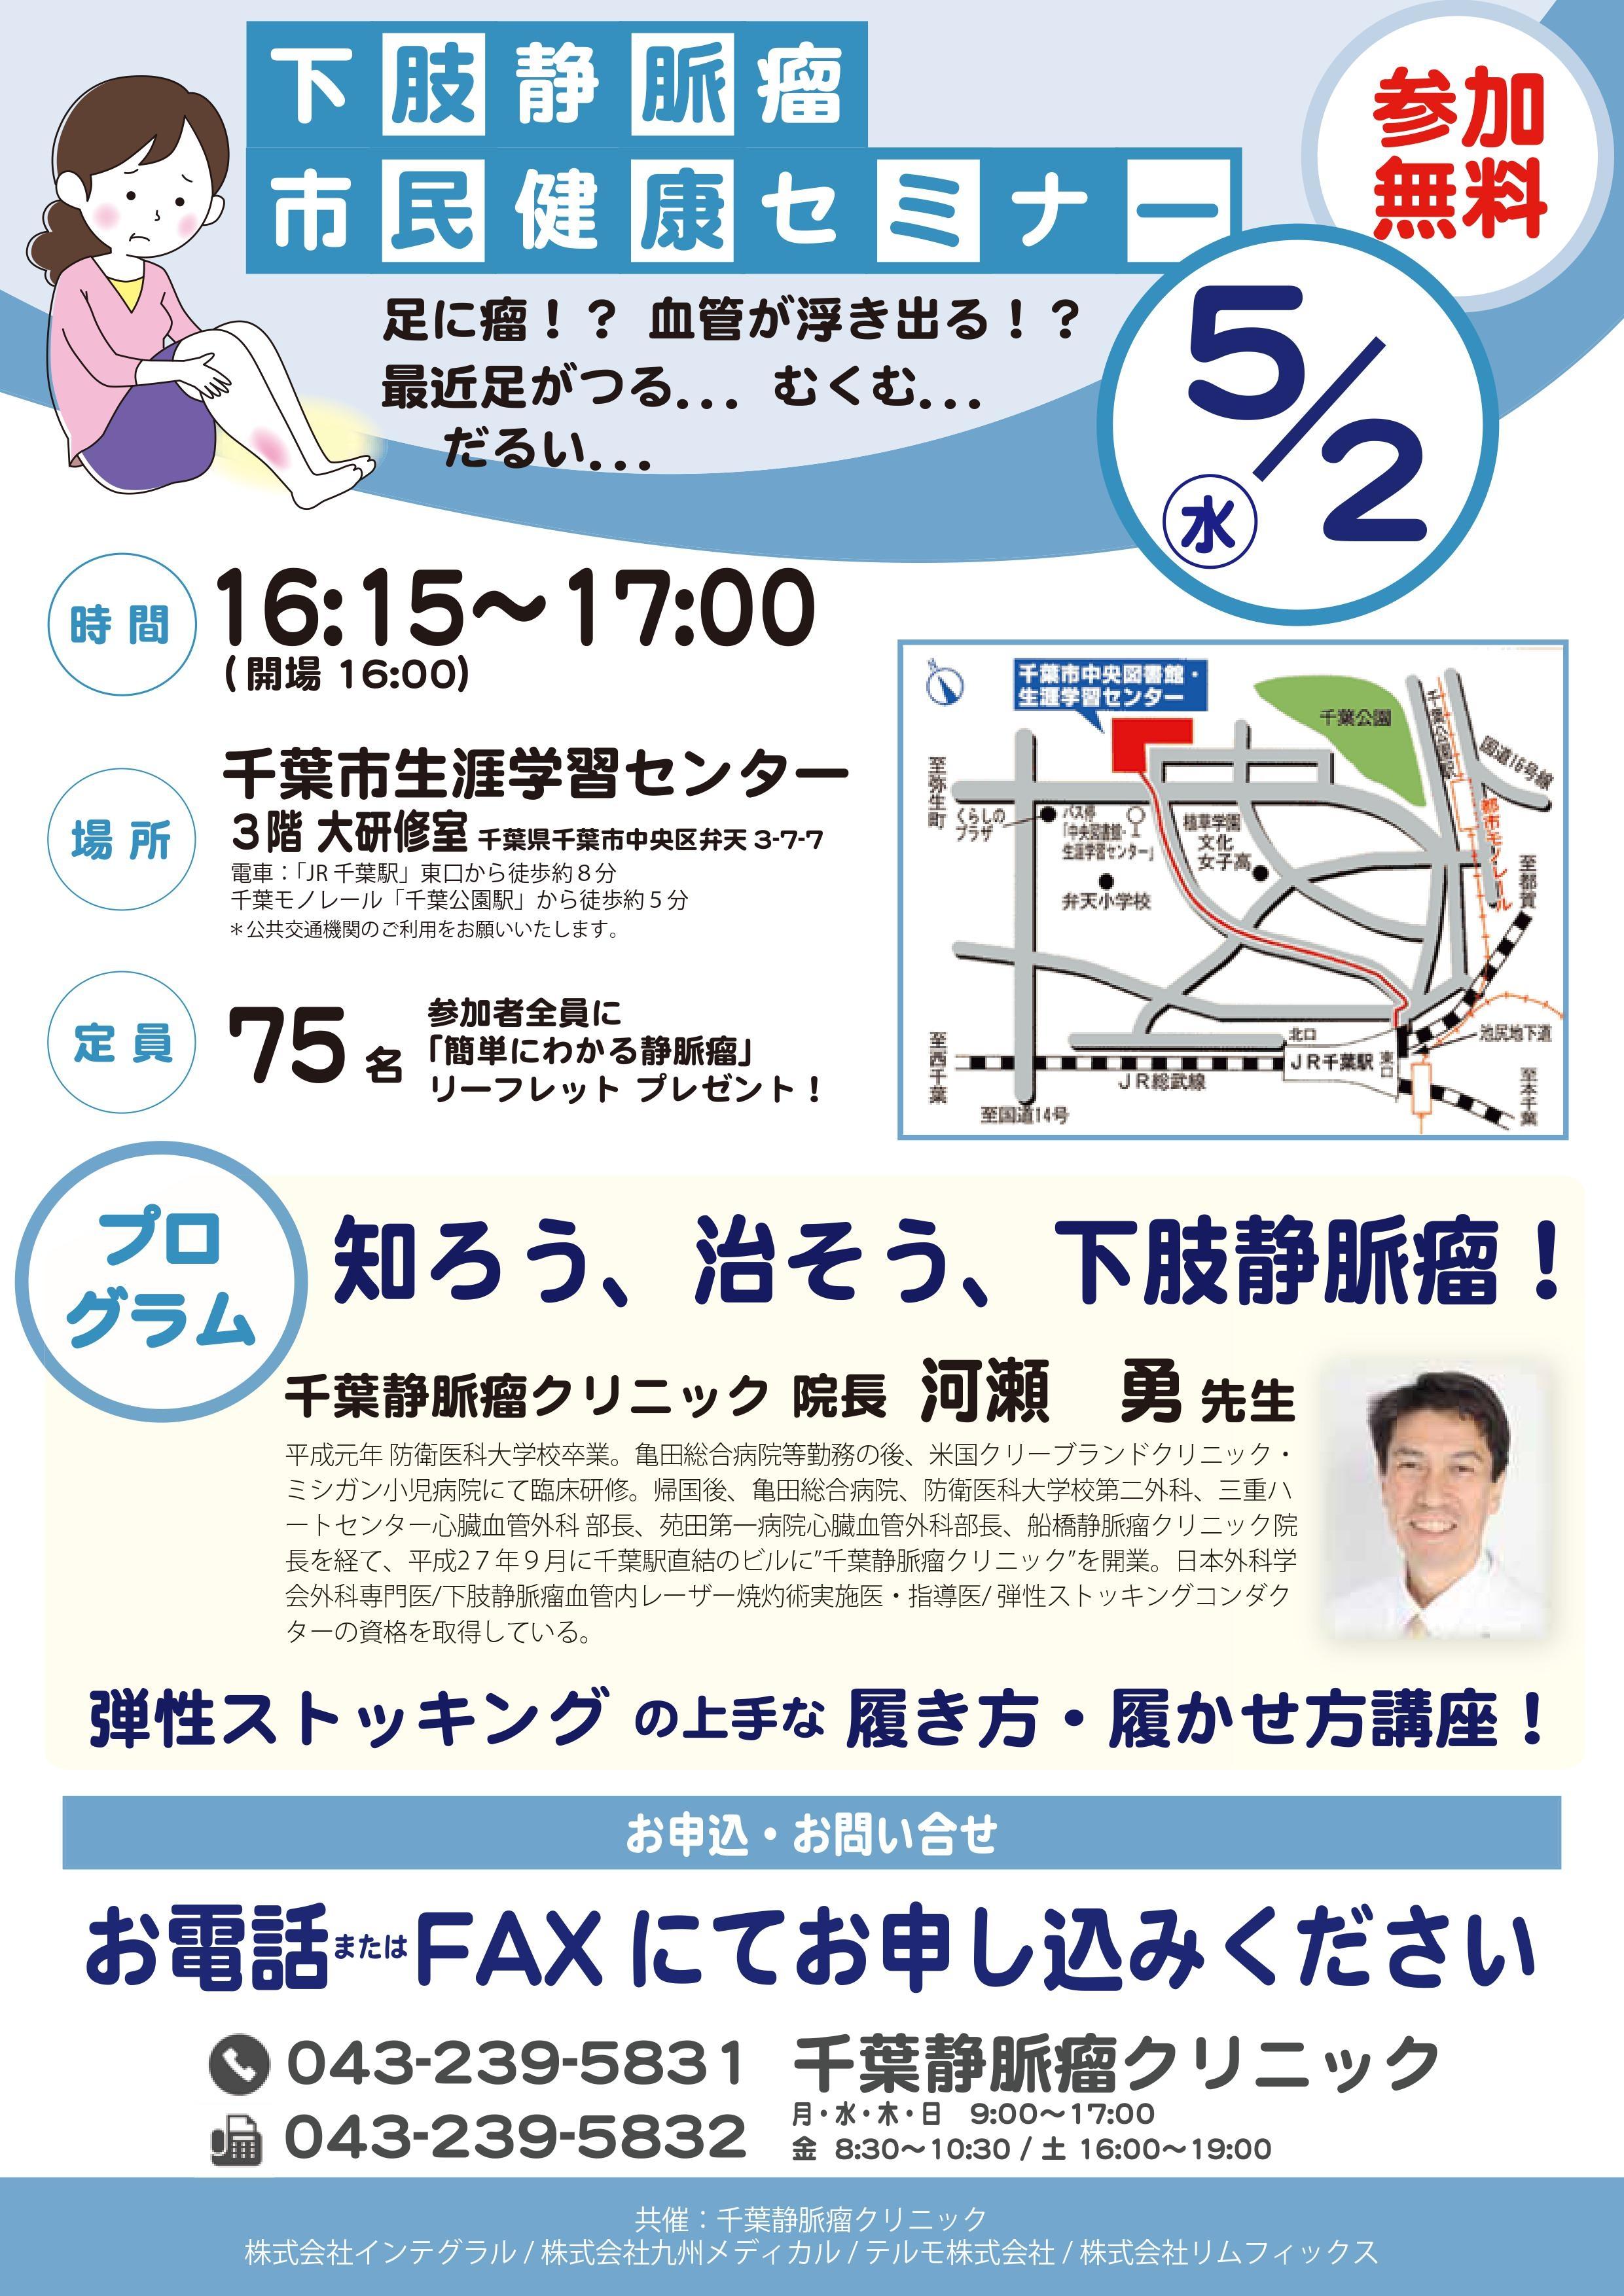 5月2日(水)に第6回市民健康セミナーを開催します。